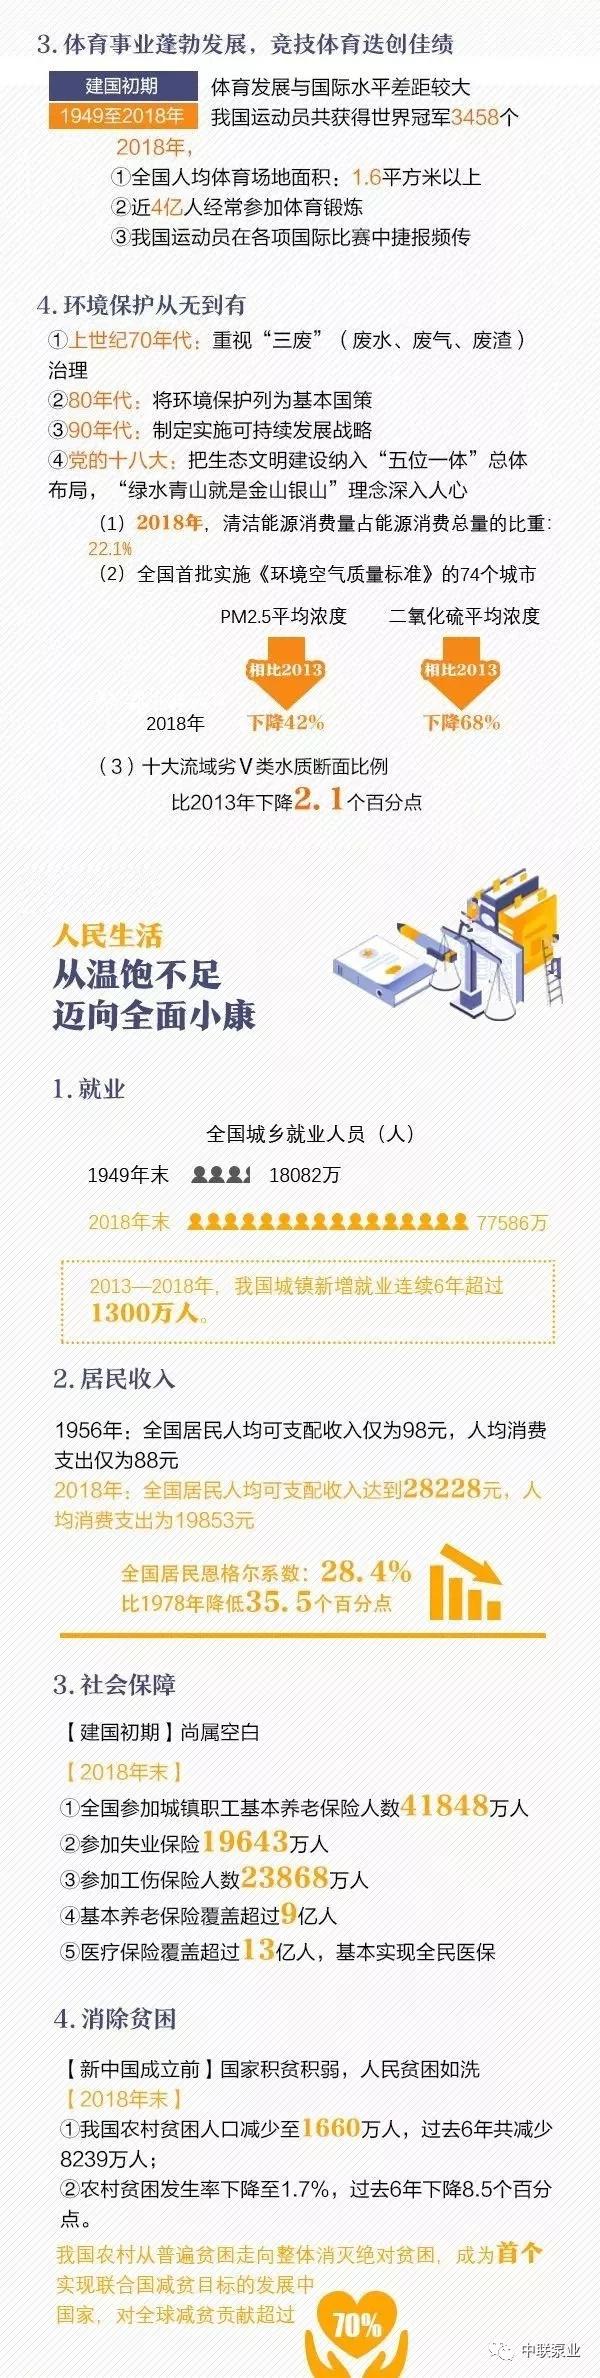 新中國建國70年變遷史5